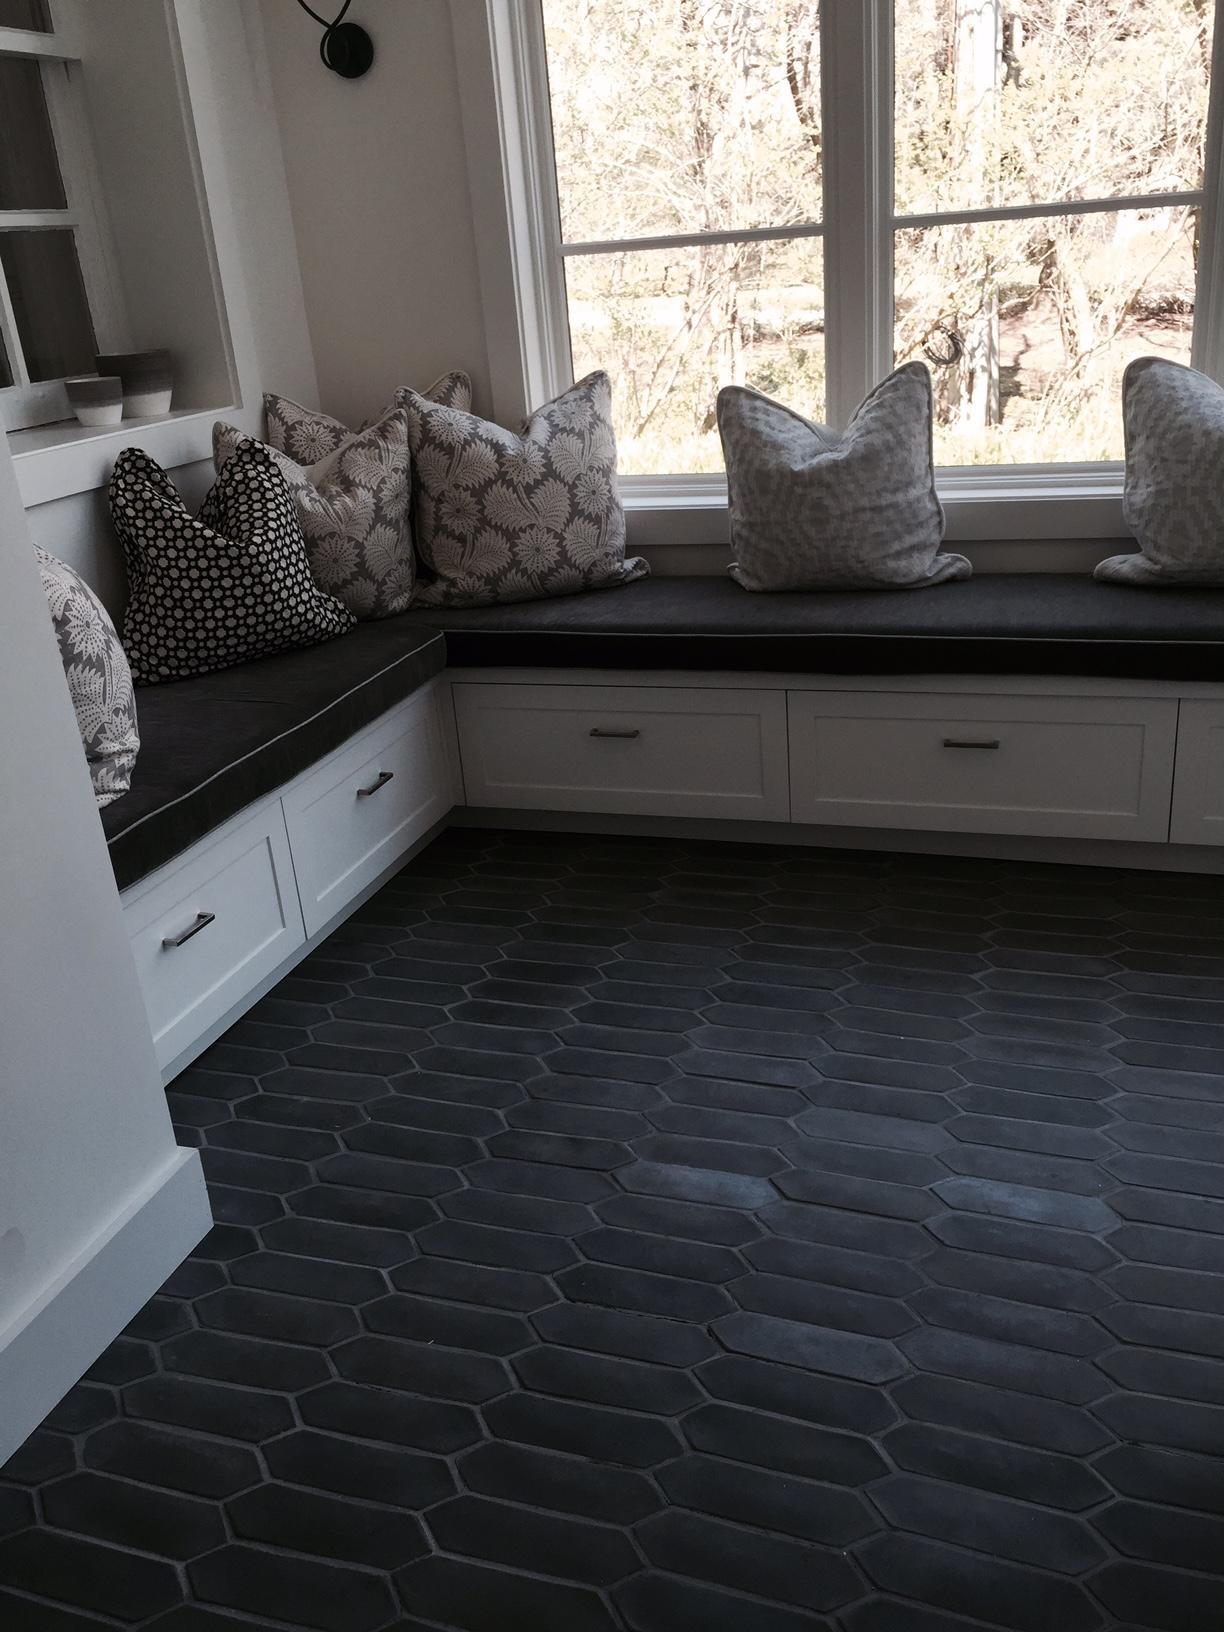 Concrete Tile Encaustic Cement In The